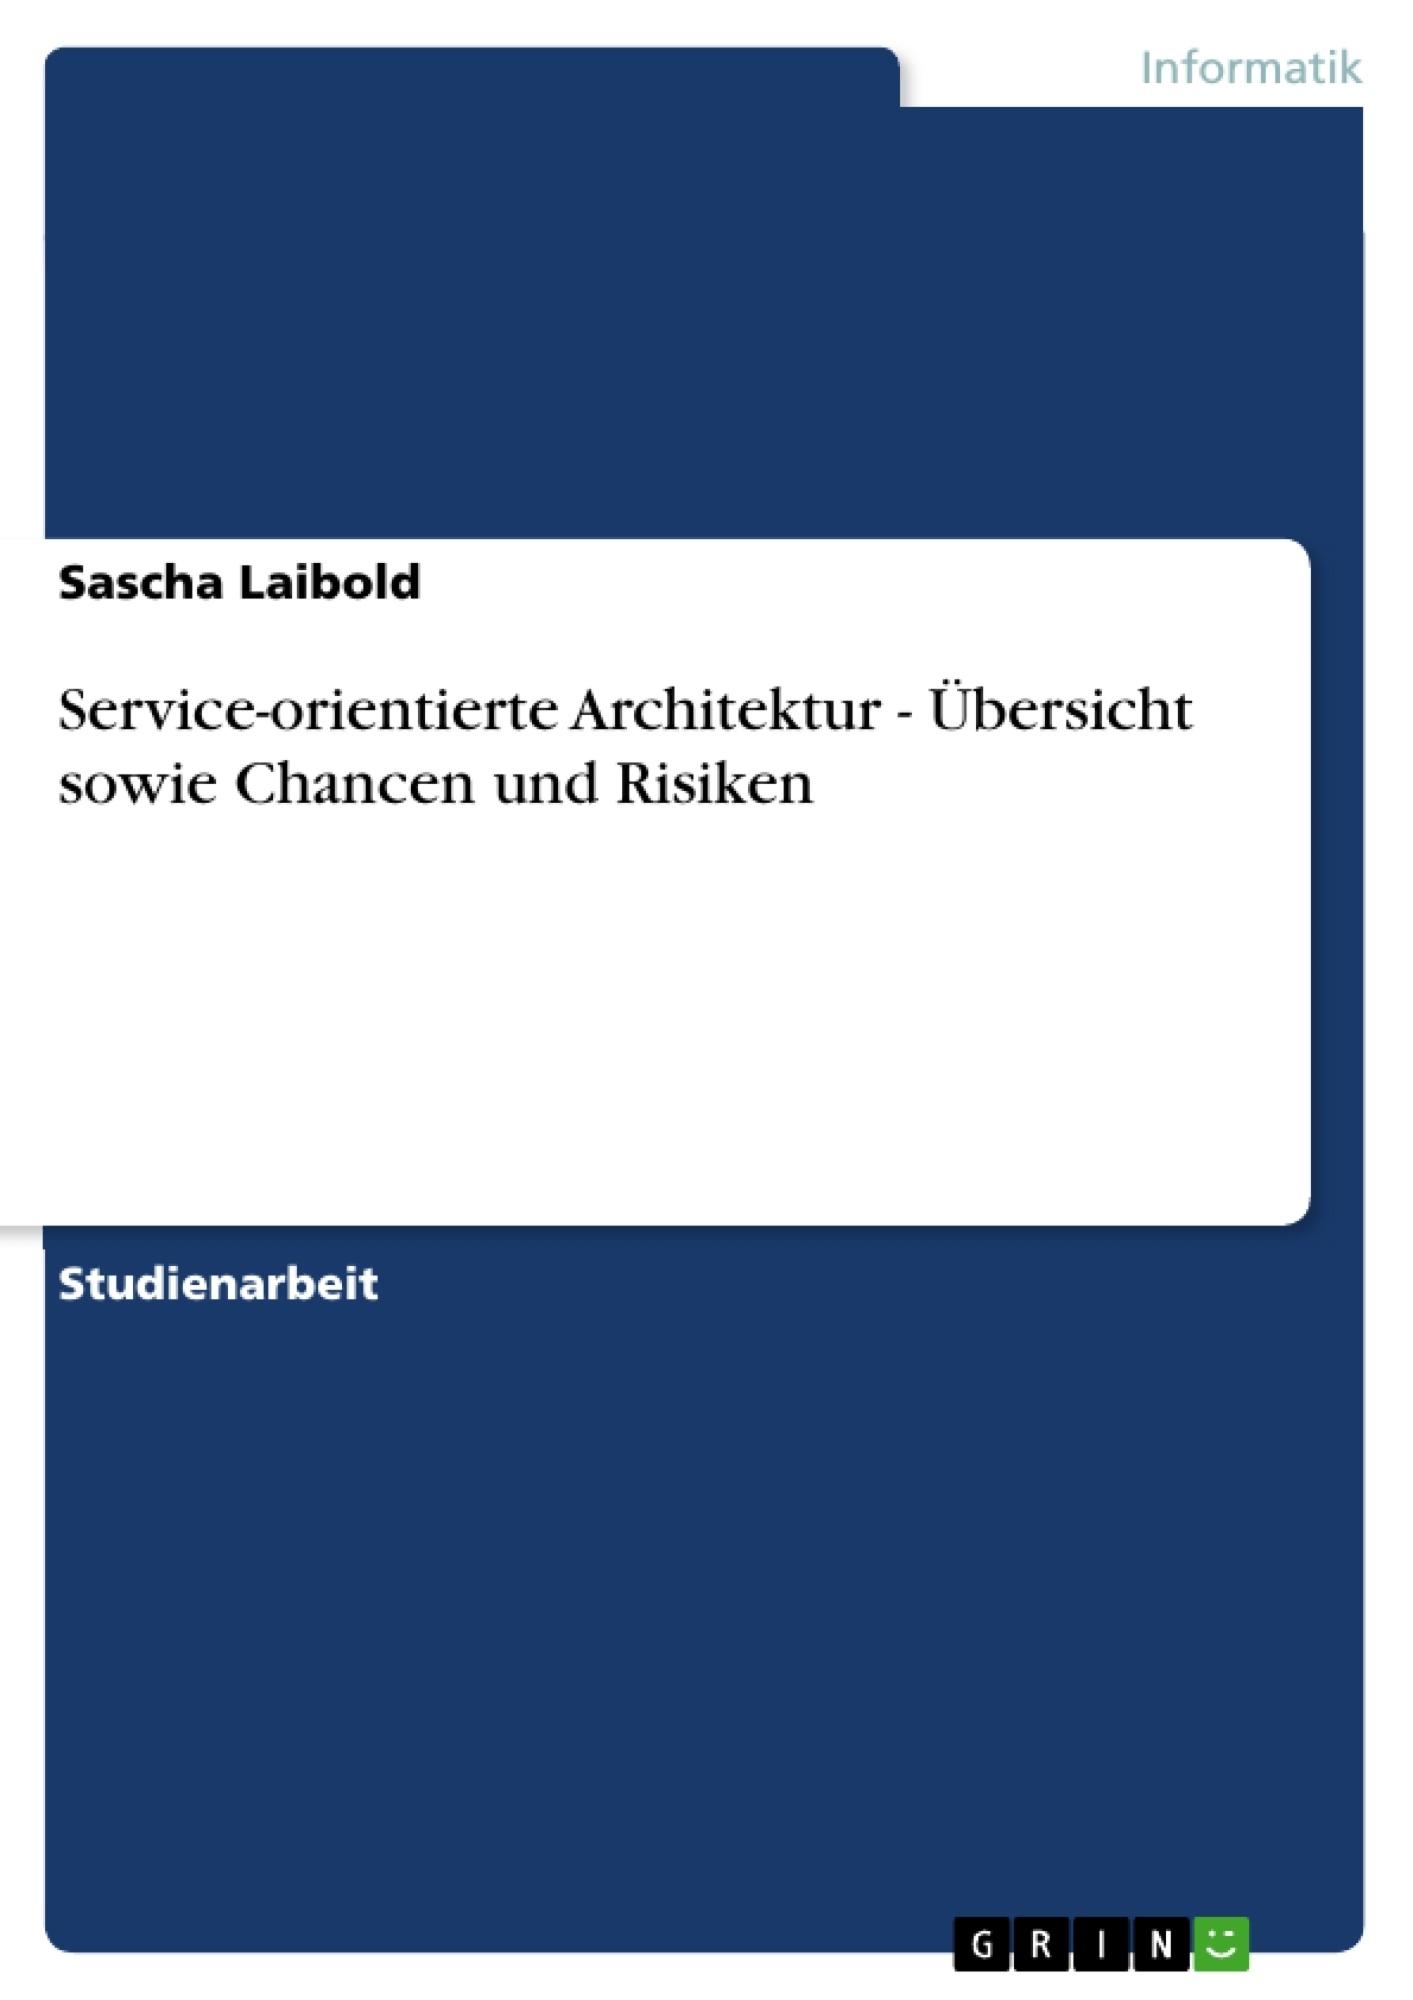 Titel: Service-orientierte Architektur - Übersicht sowie Chancen und Risiken